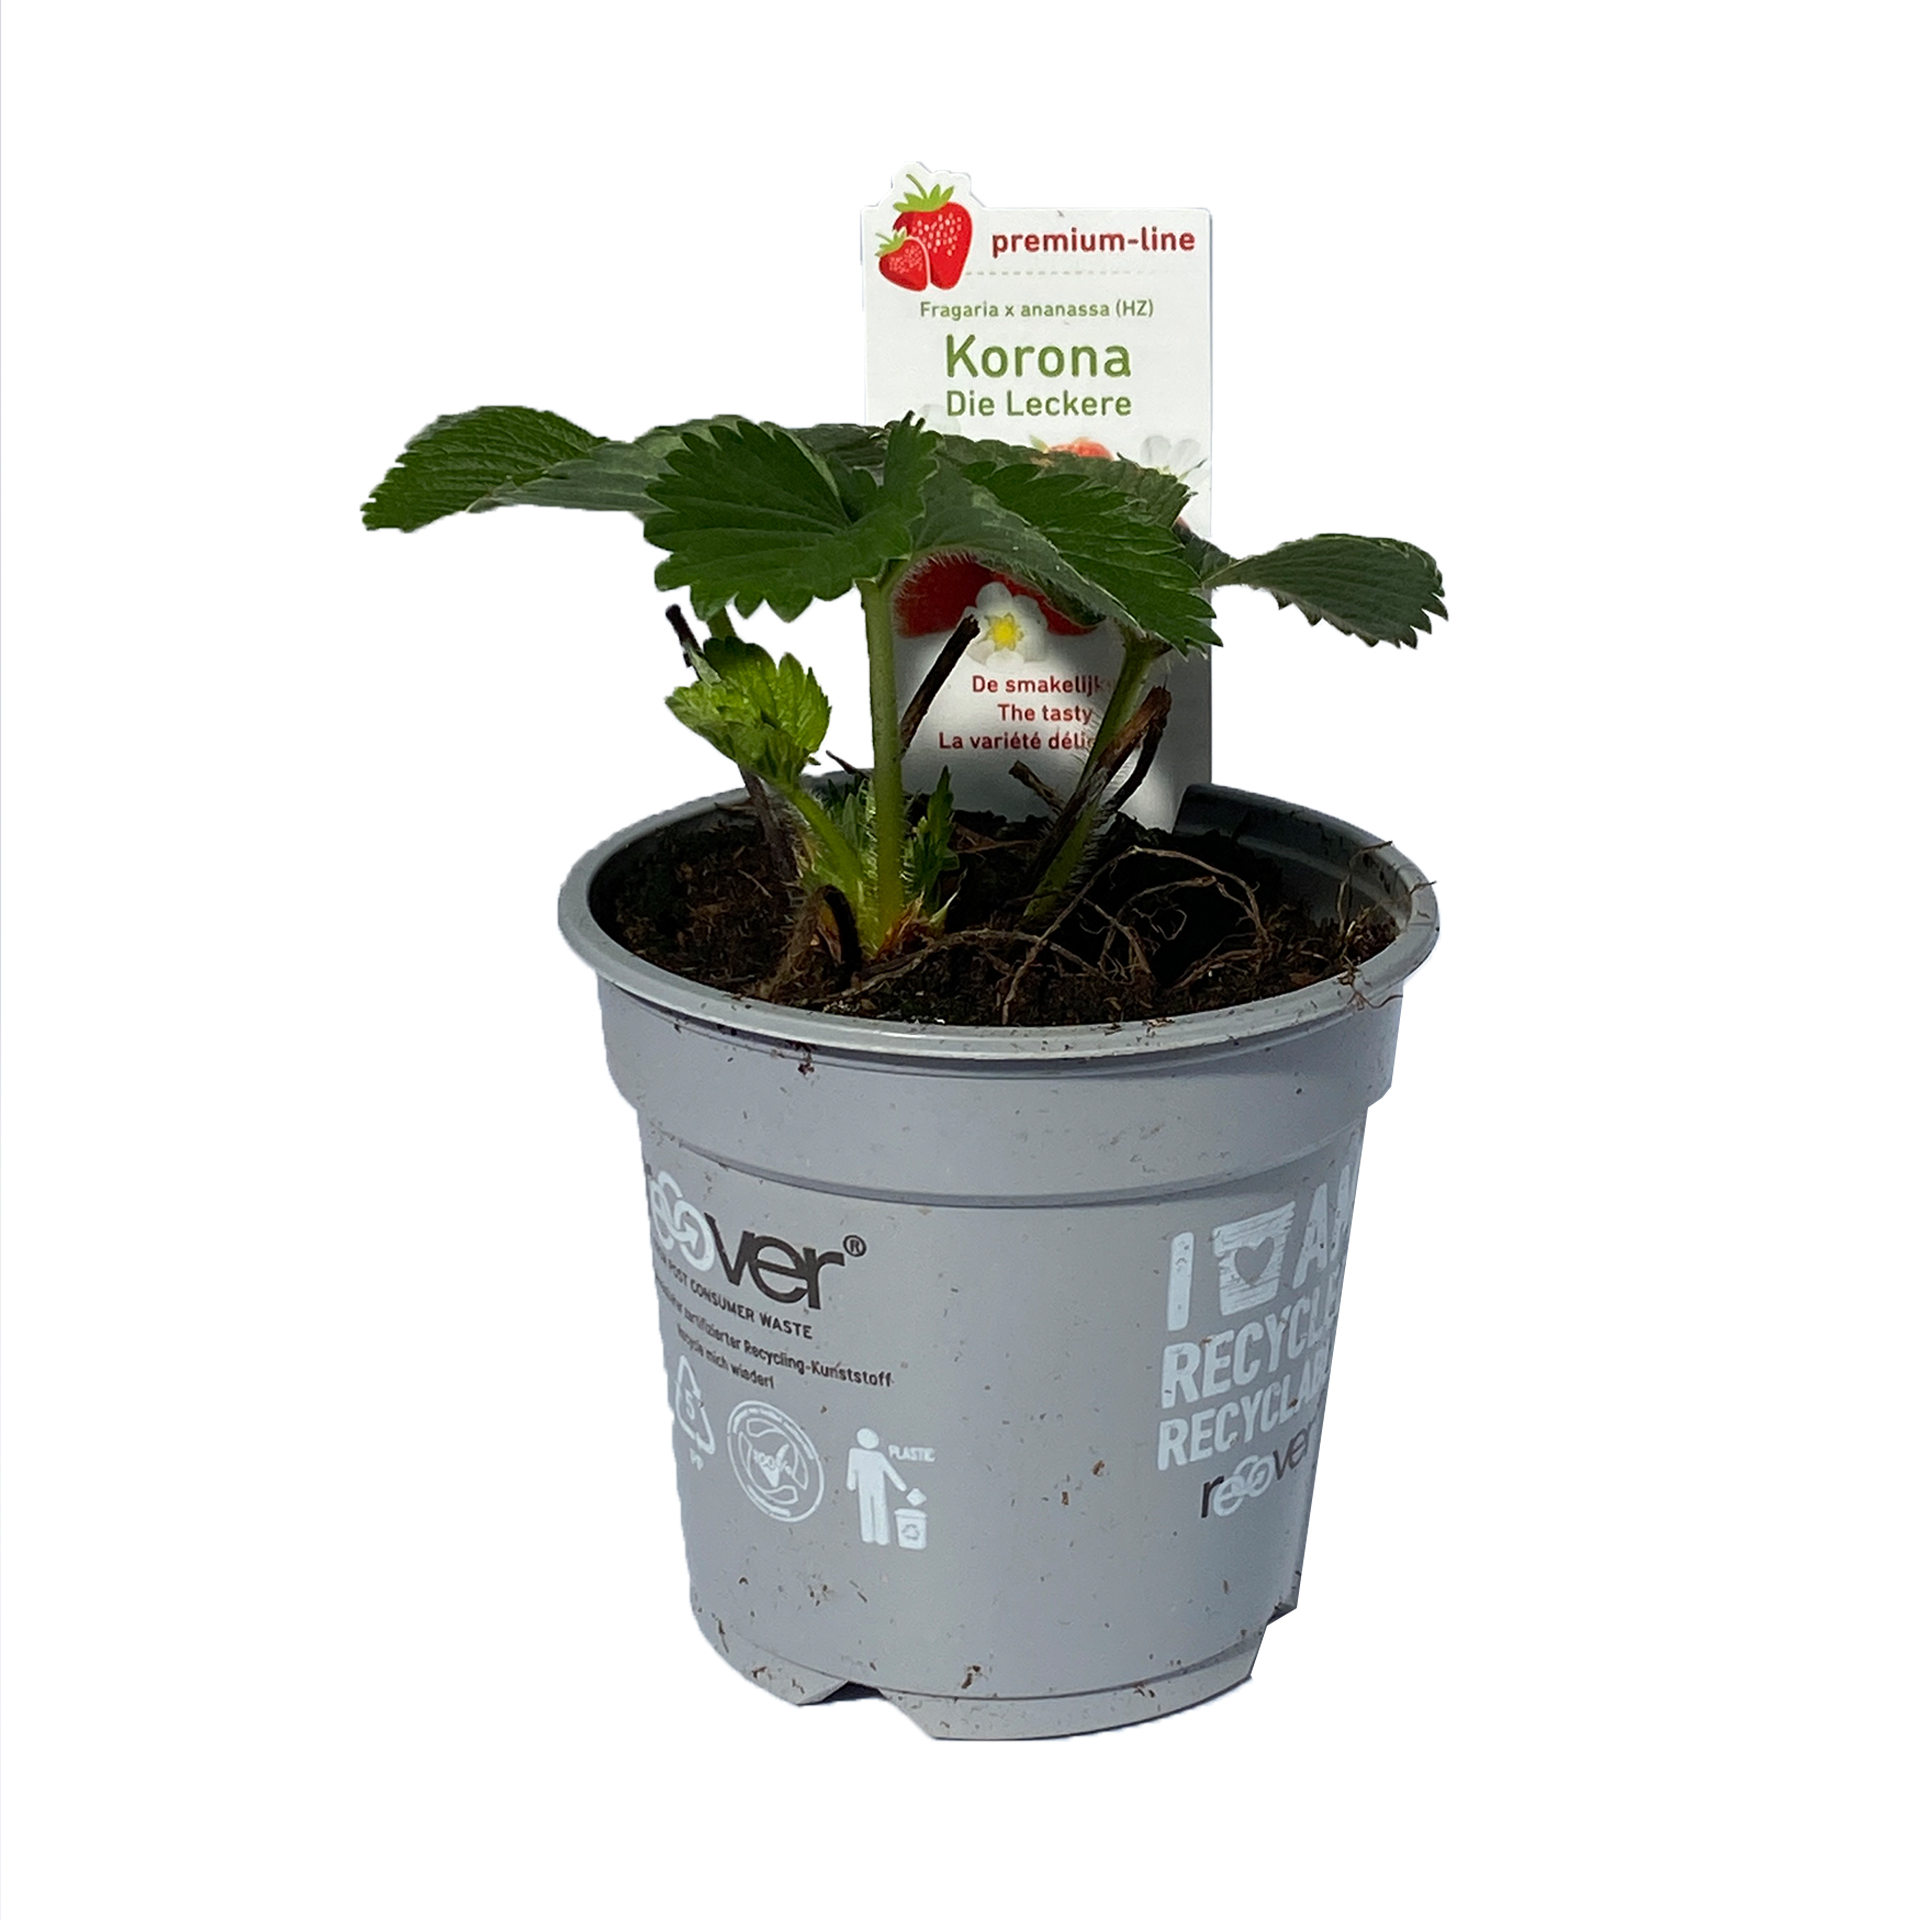 Erdbeerpflanze Korona - Fragaria ananassa, 9cm Topf